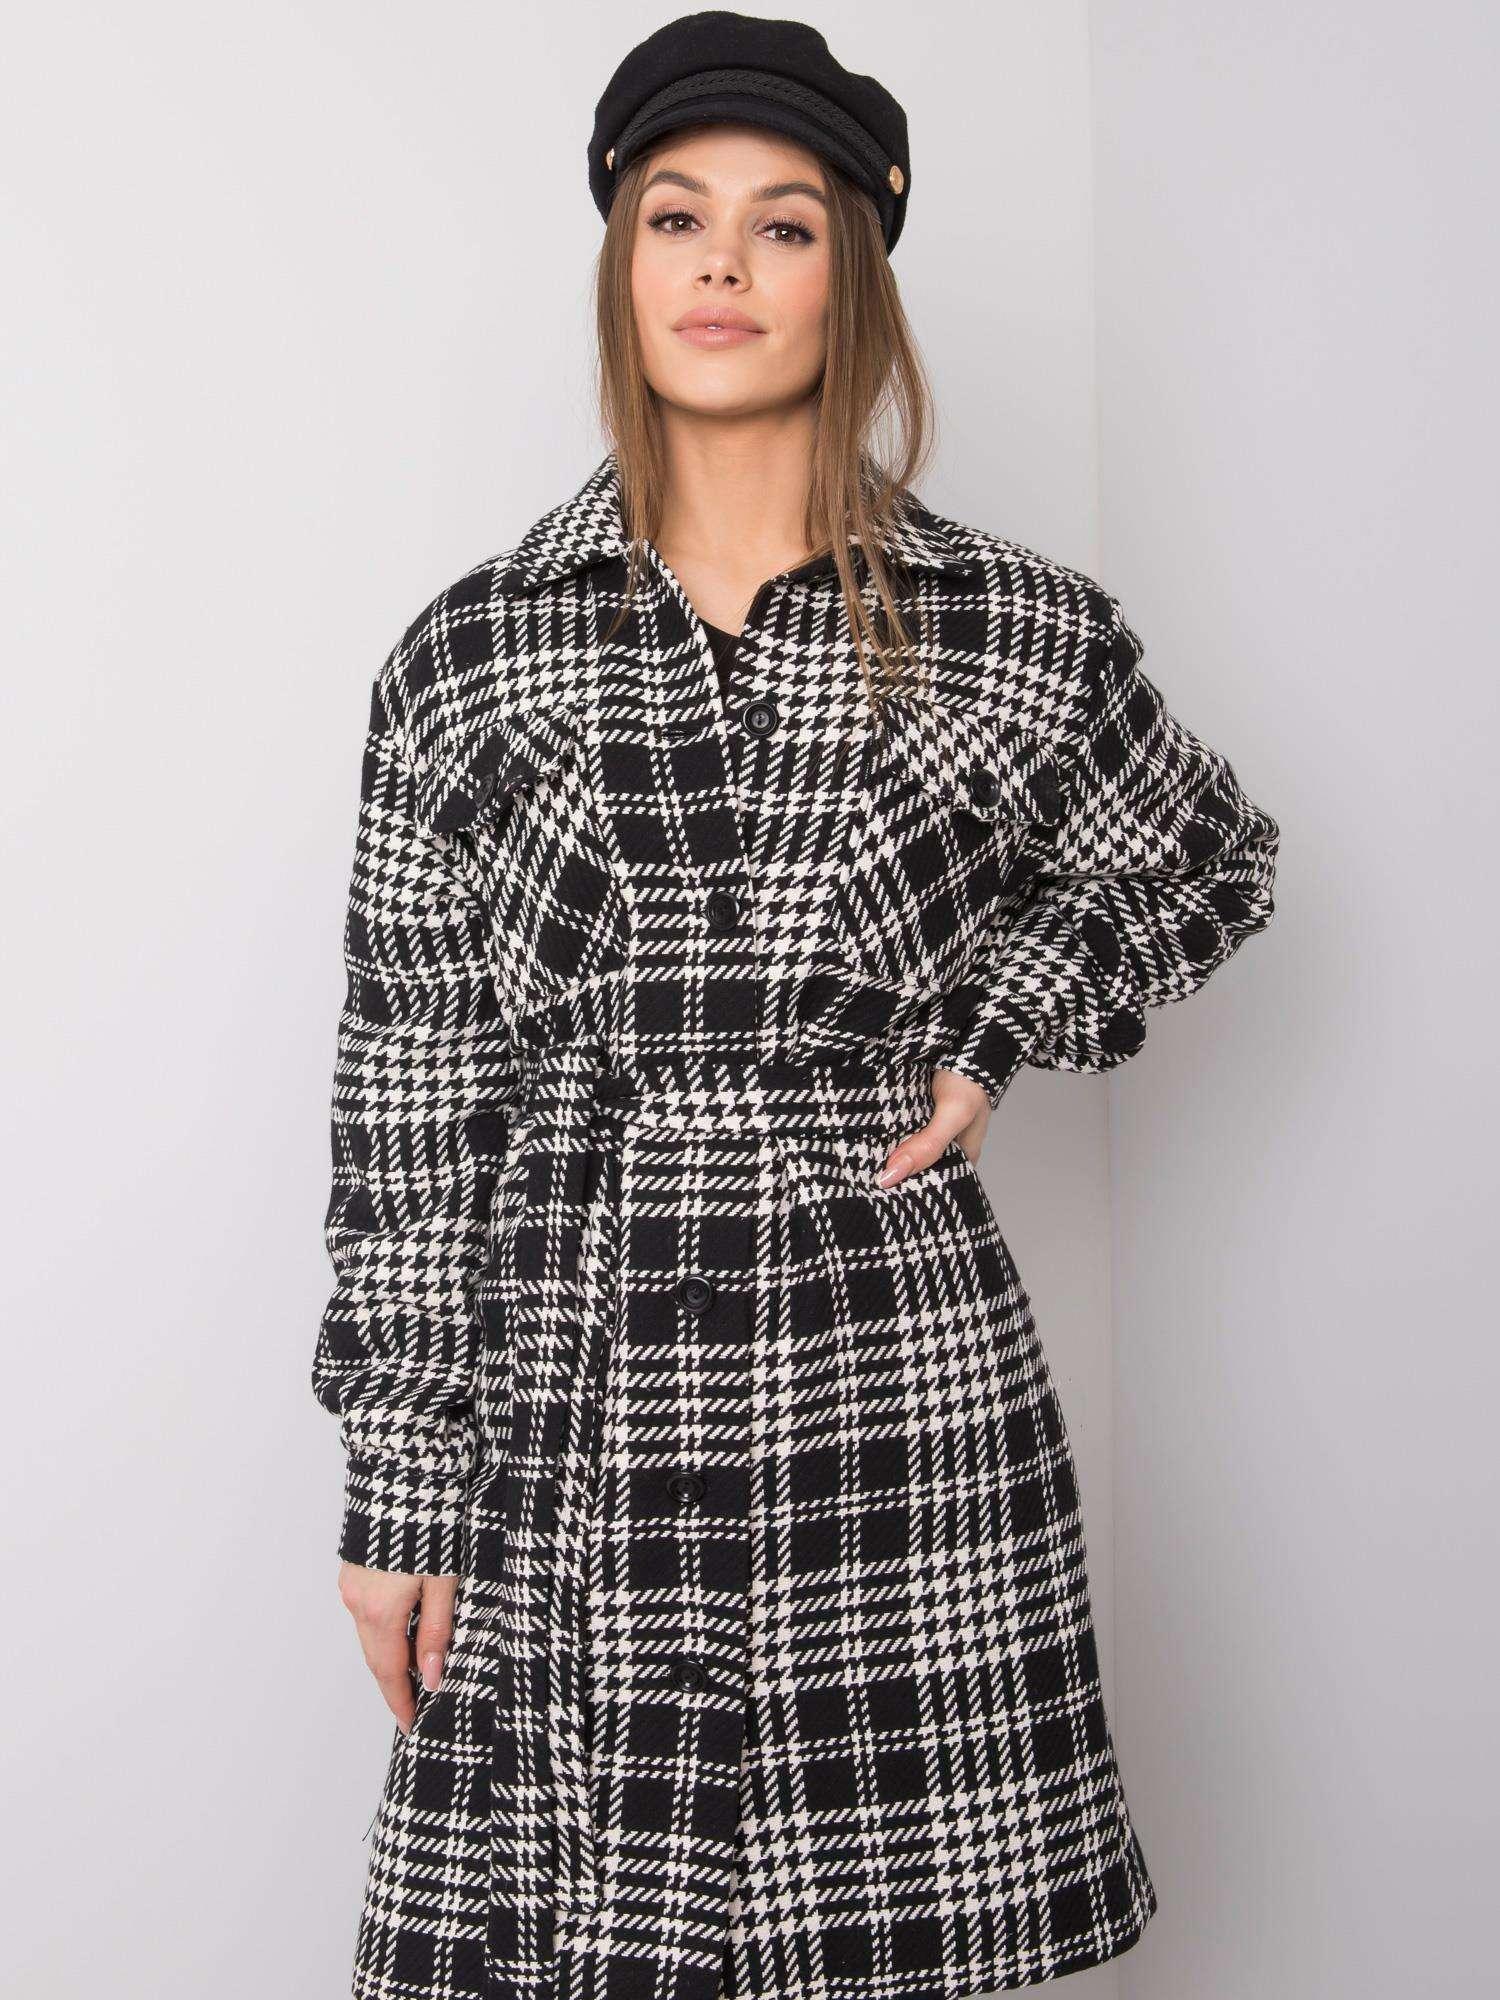 Mantel in schwarz-weiß kariert mit Hahnentrittmusterdetails Vorderansicht